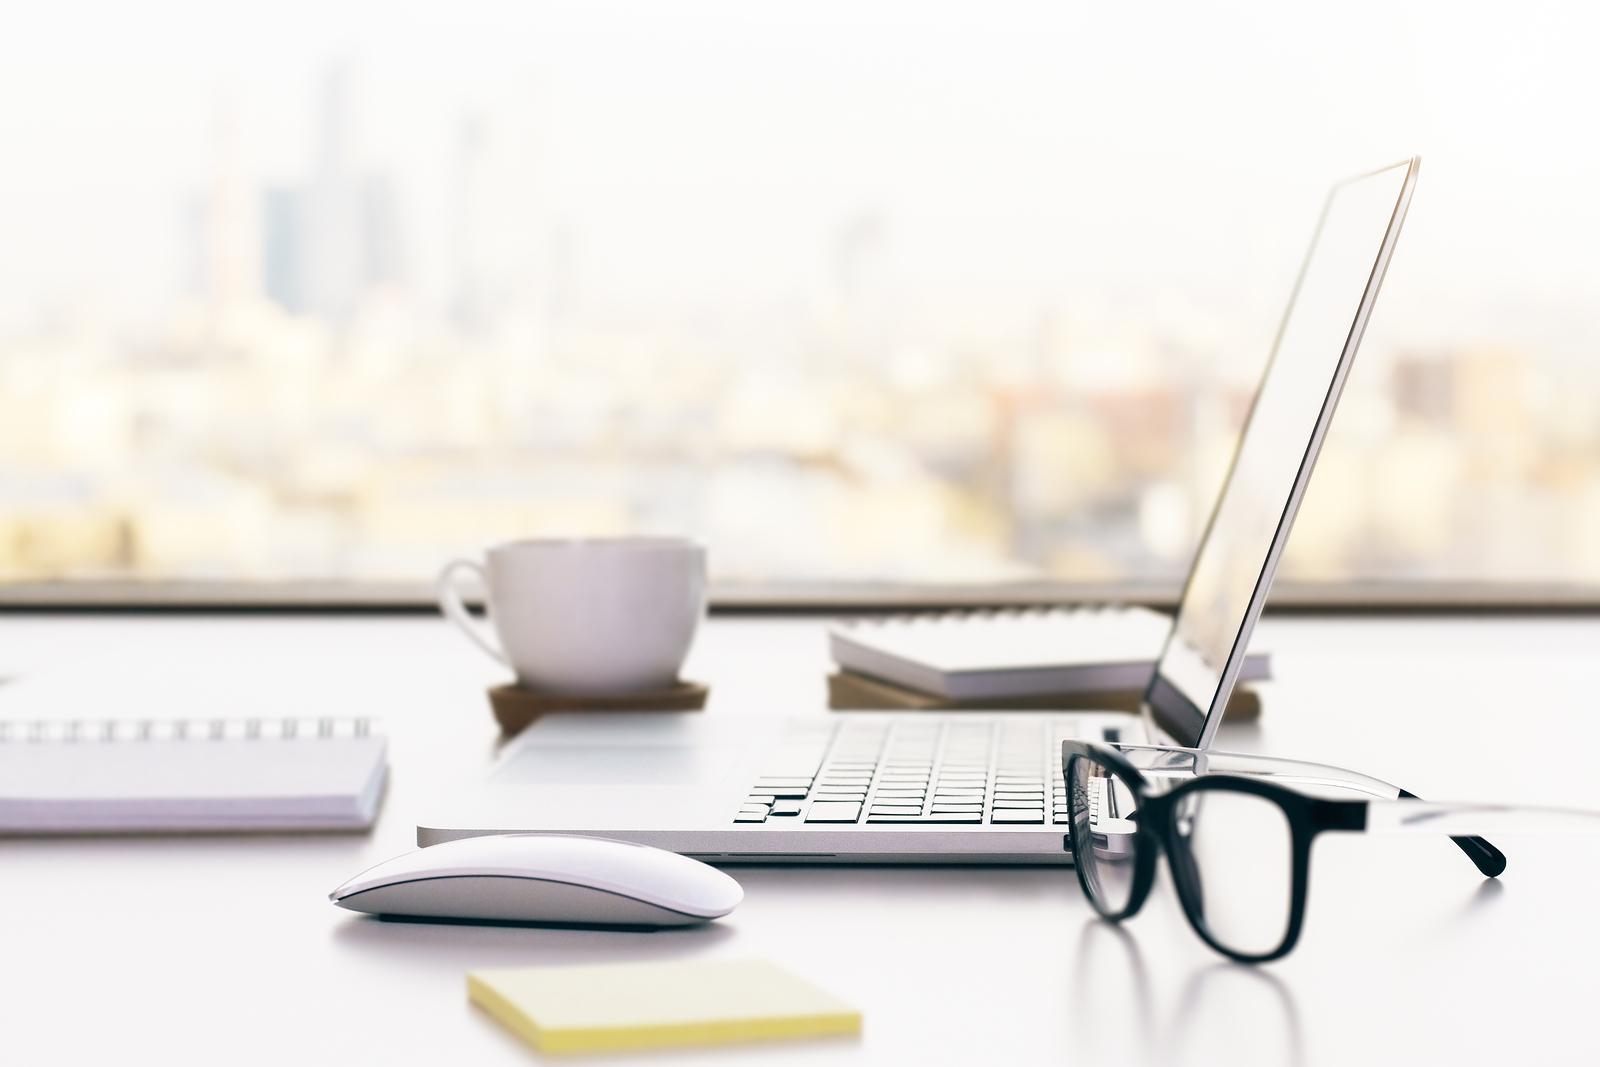 bigstock-Workplace-Side-131857577.jpg